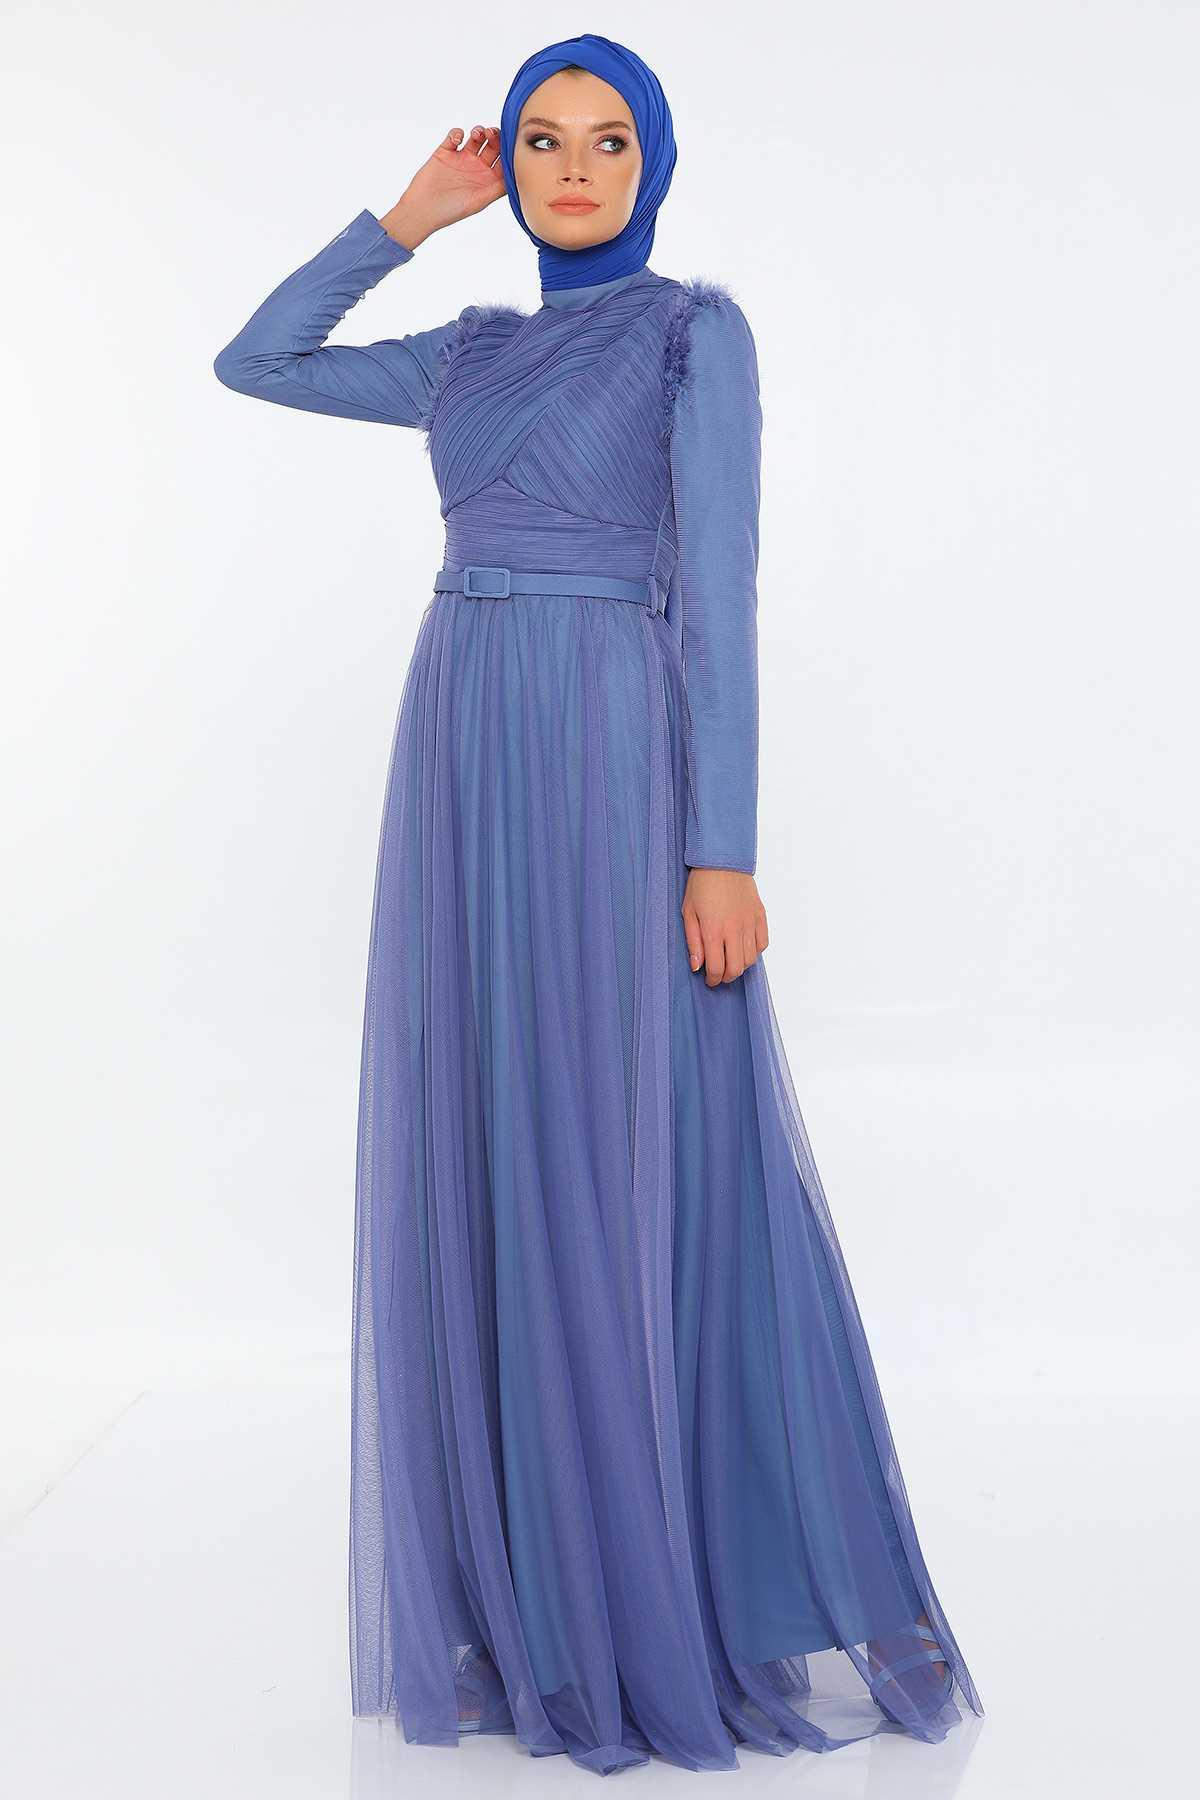 Tozlu Giyim Tüylü Abiye Elbise Modelleri